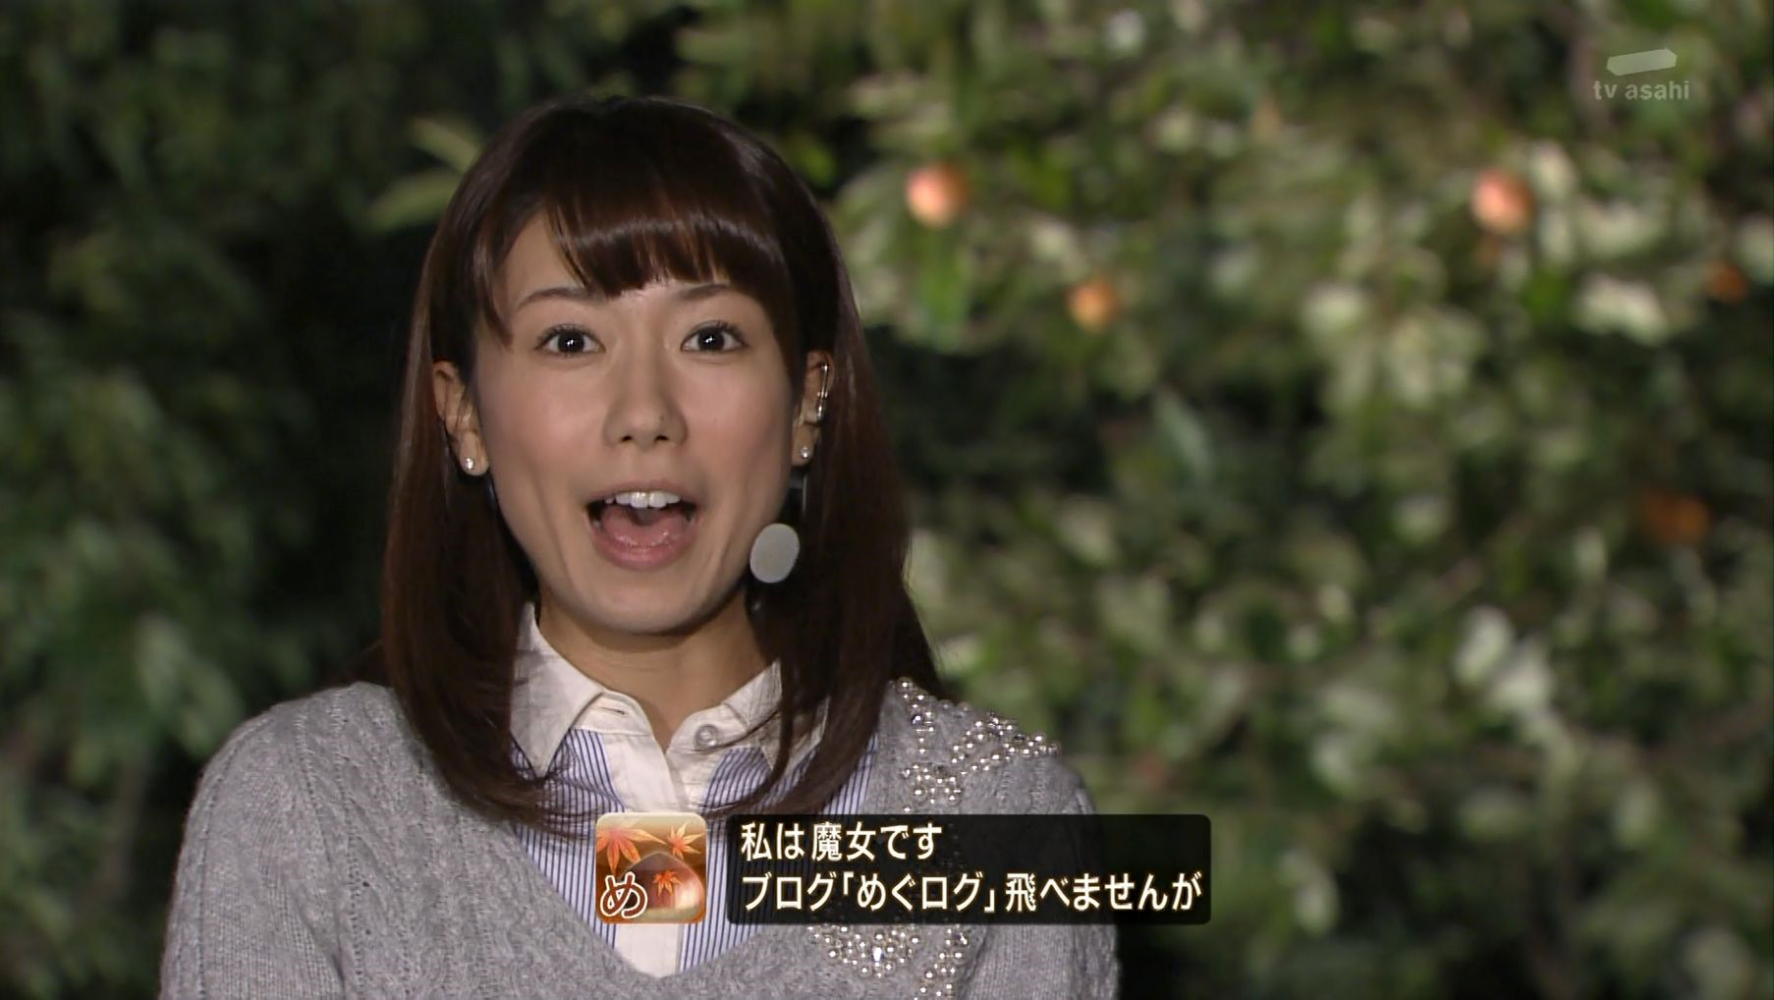 青山愛 (アナウンサー)の画像 p1_34